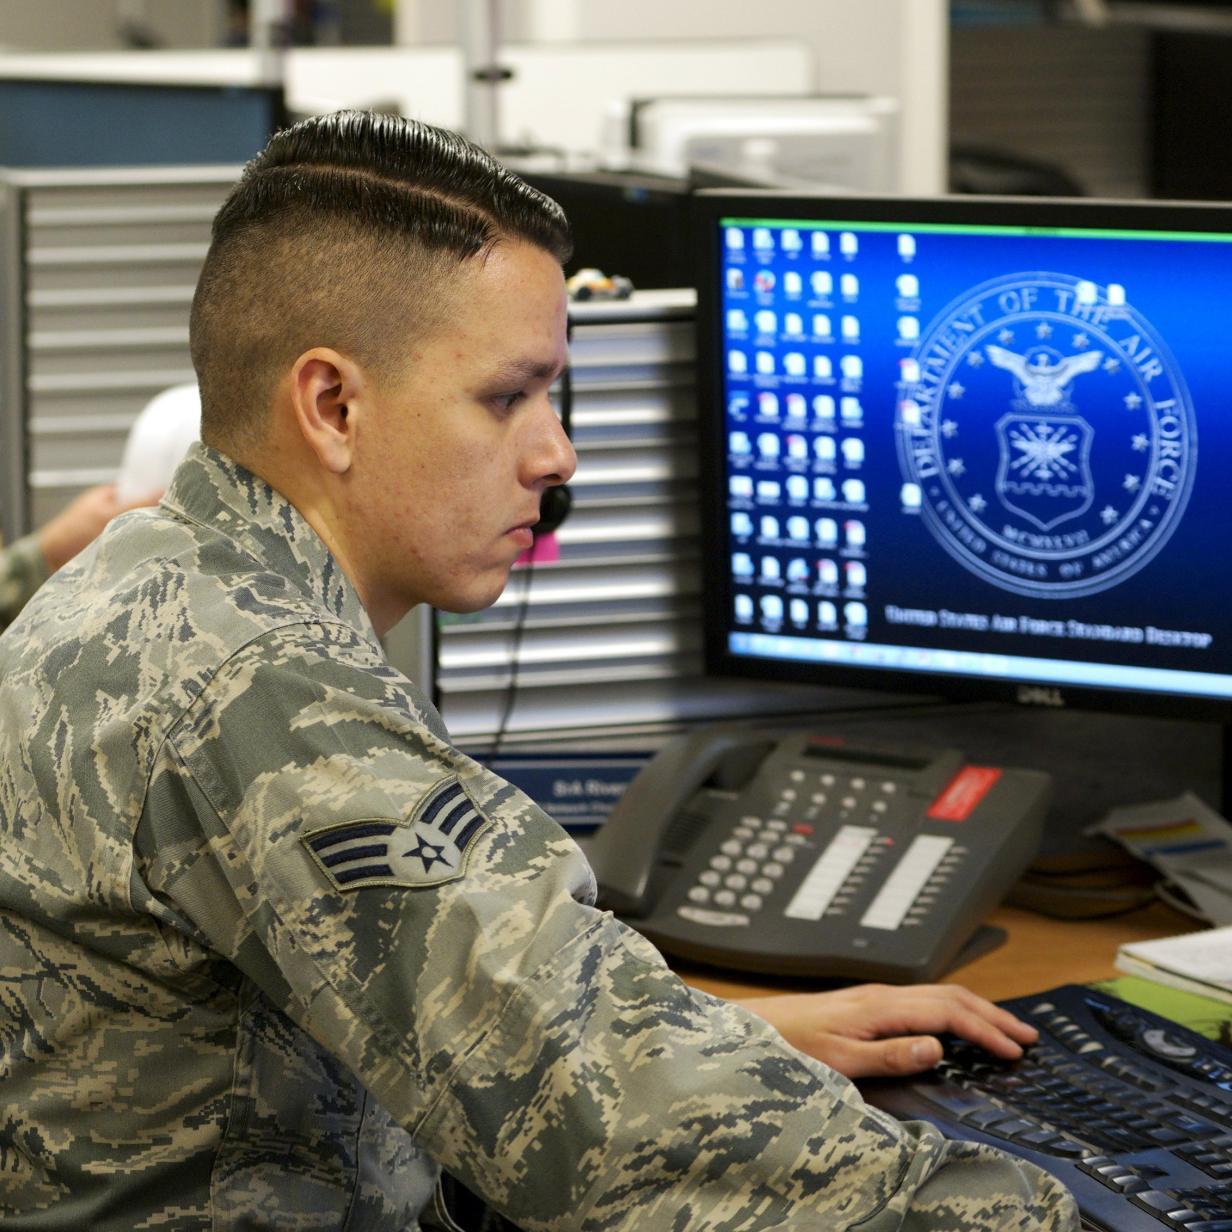 Cyberkrieg ist eine Massenvernichtungswaffe